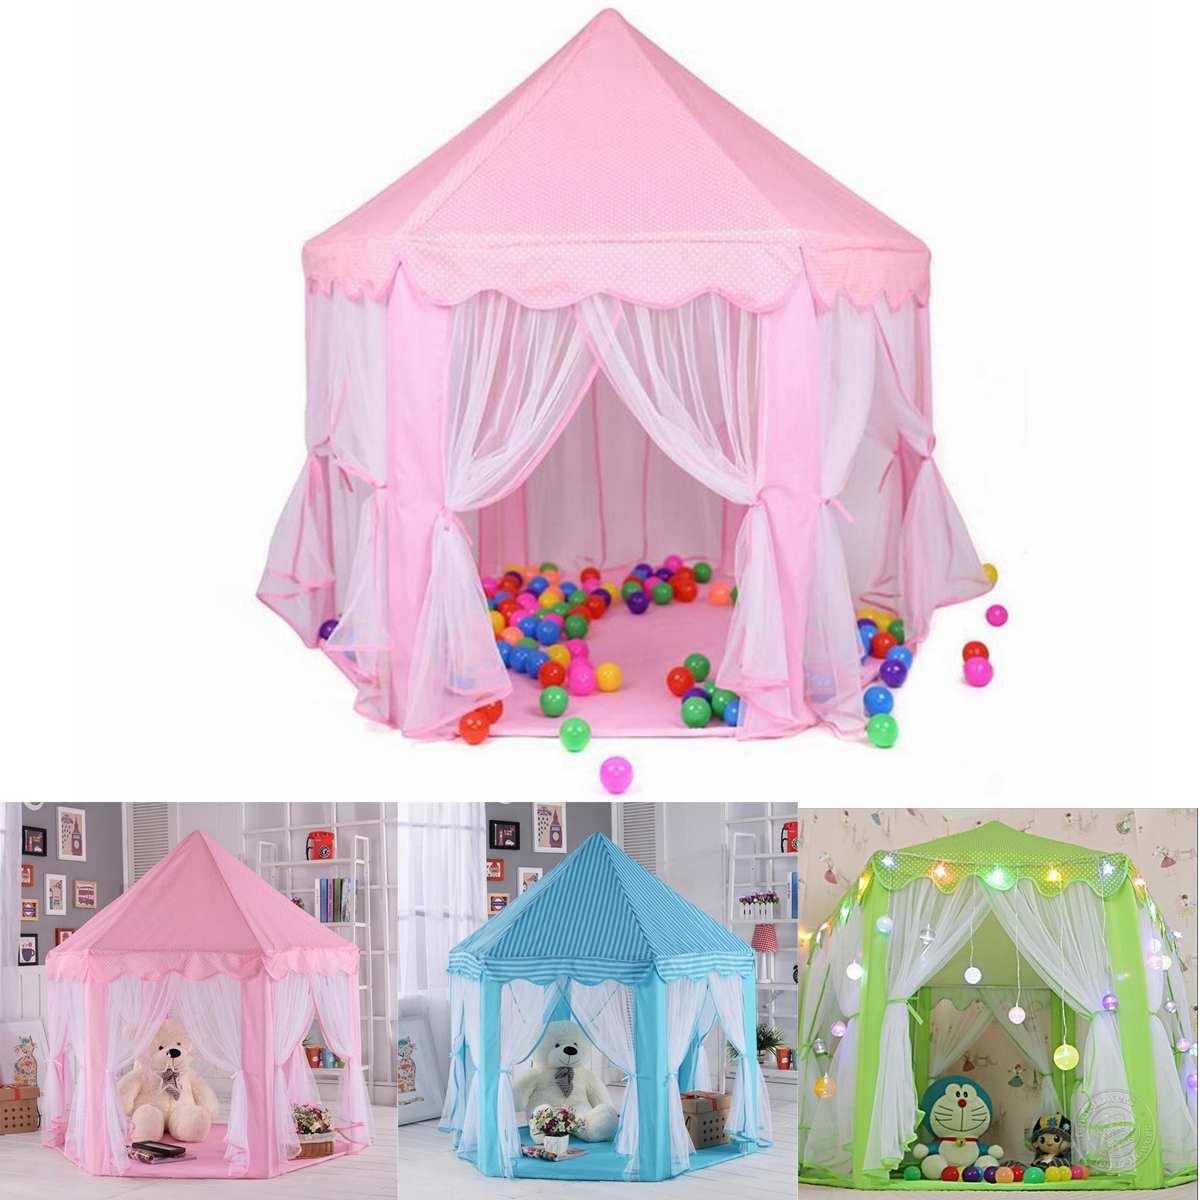 Enfants tentes hexagone Playhouse dormir dôme intérieur extérieur filles château tipi grande tente de jeu enfants bébé jouets maison balle piscine